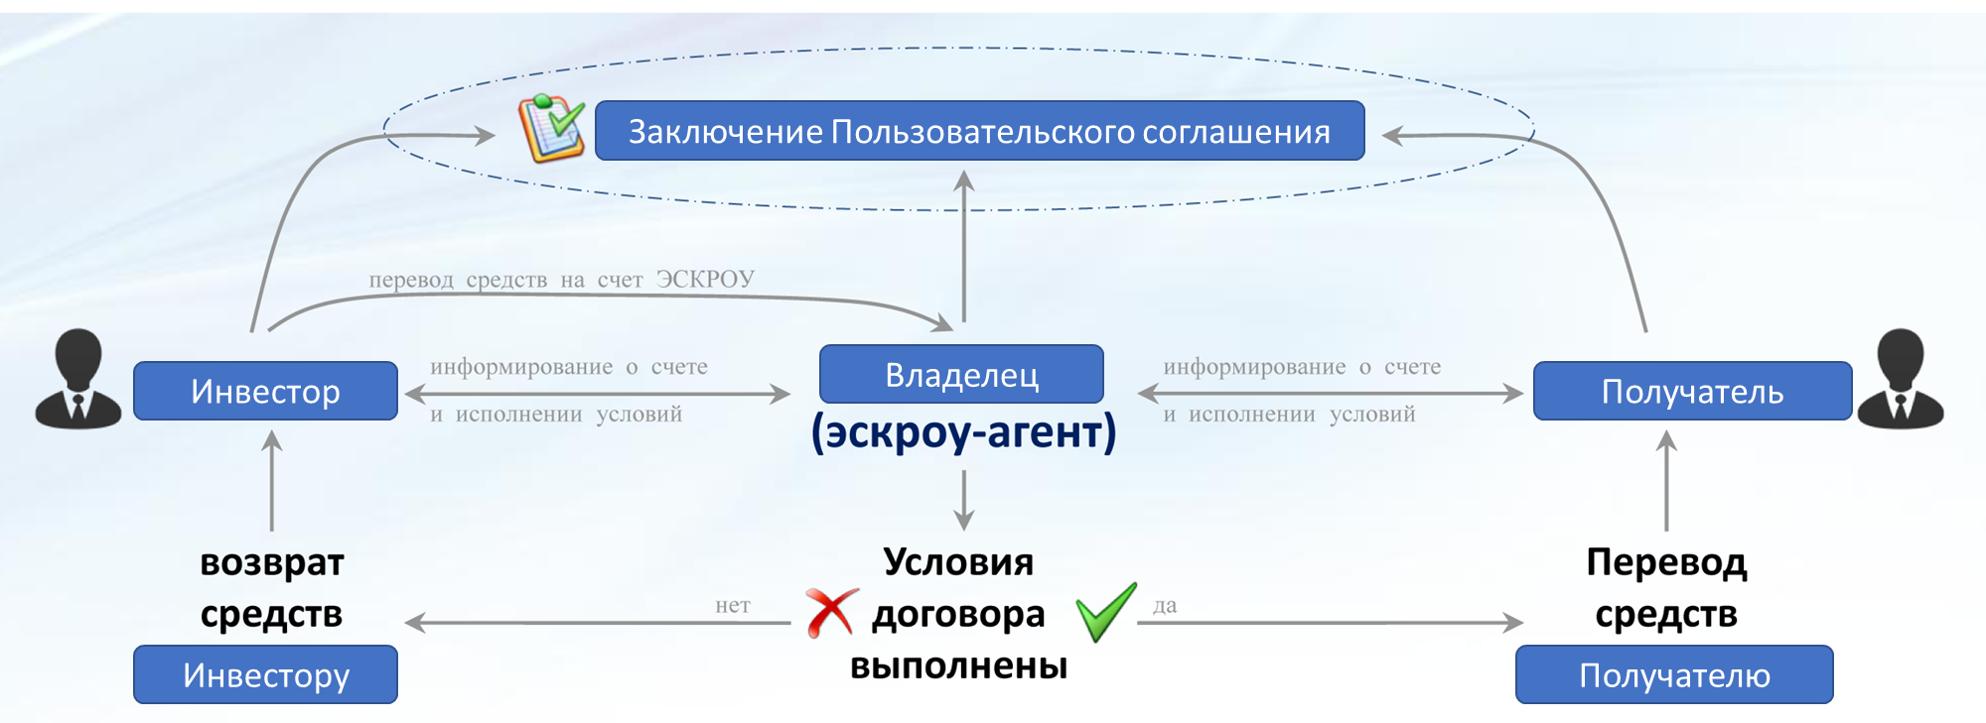 Номинальный счет в сбербанке: что это такое? — finfex.ru